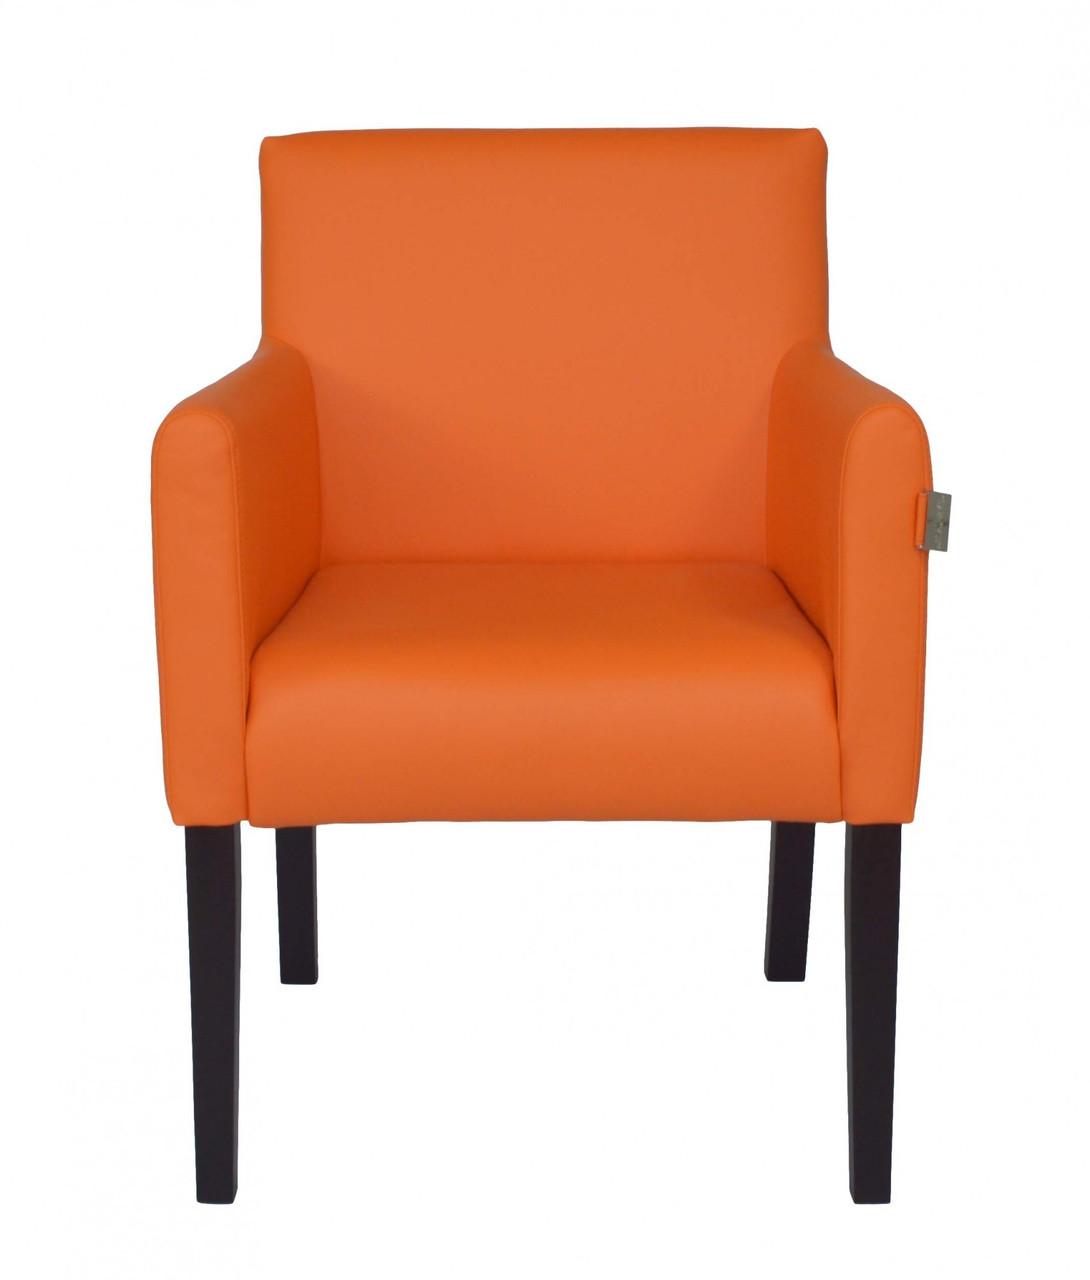 Кресло Richman Остин 61 x 60 x 88H Флай 2218 Оранжевое